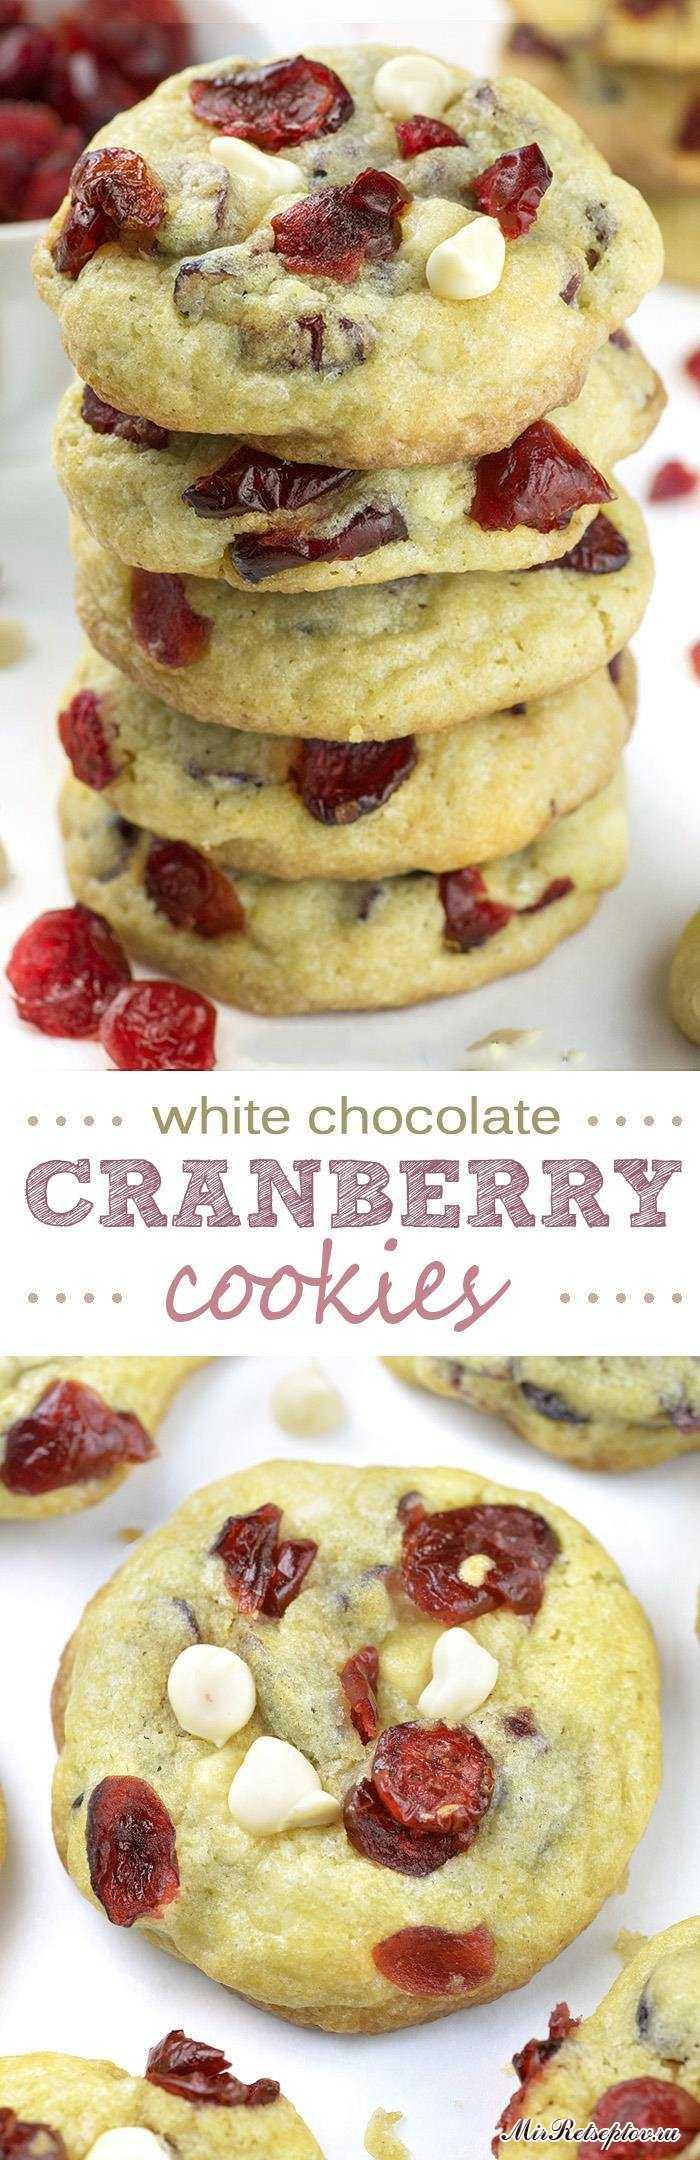 Клюквенное печенье с белым шоколадом